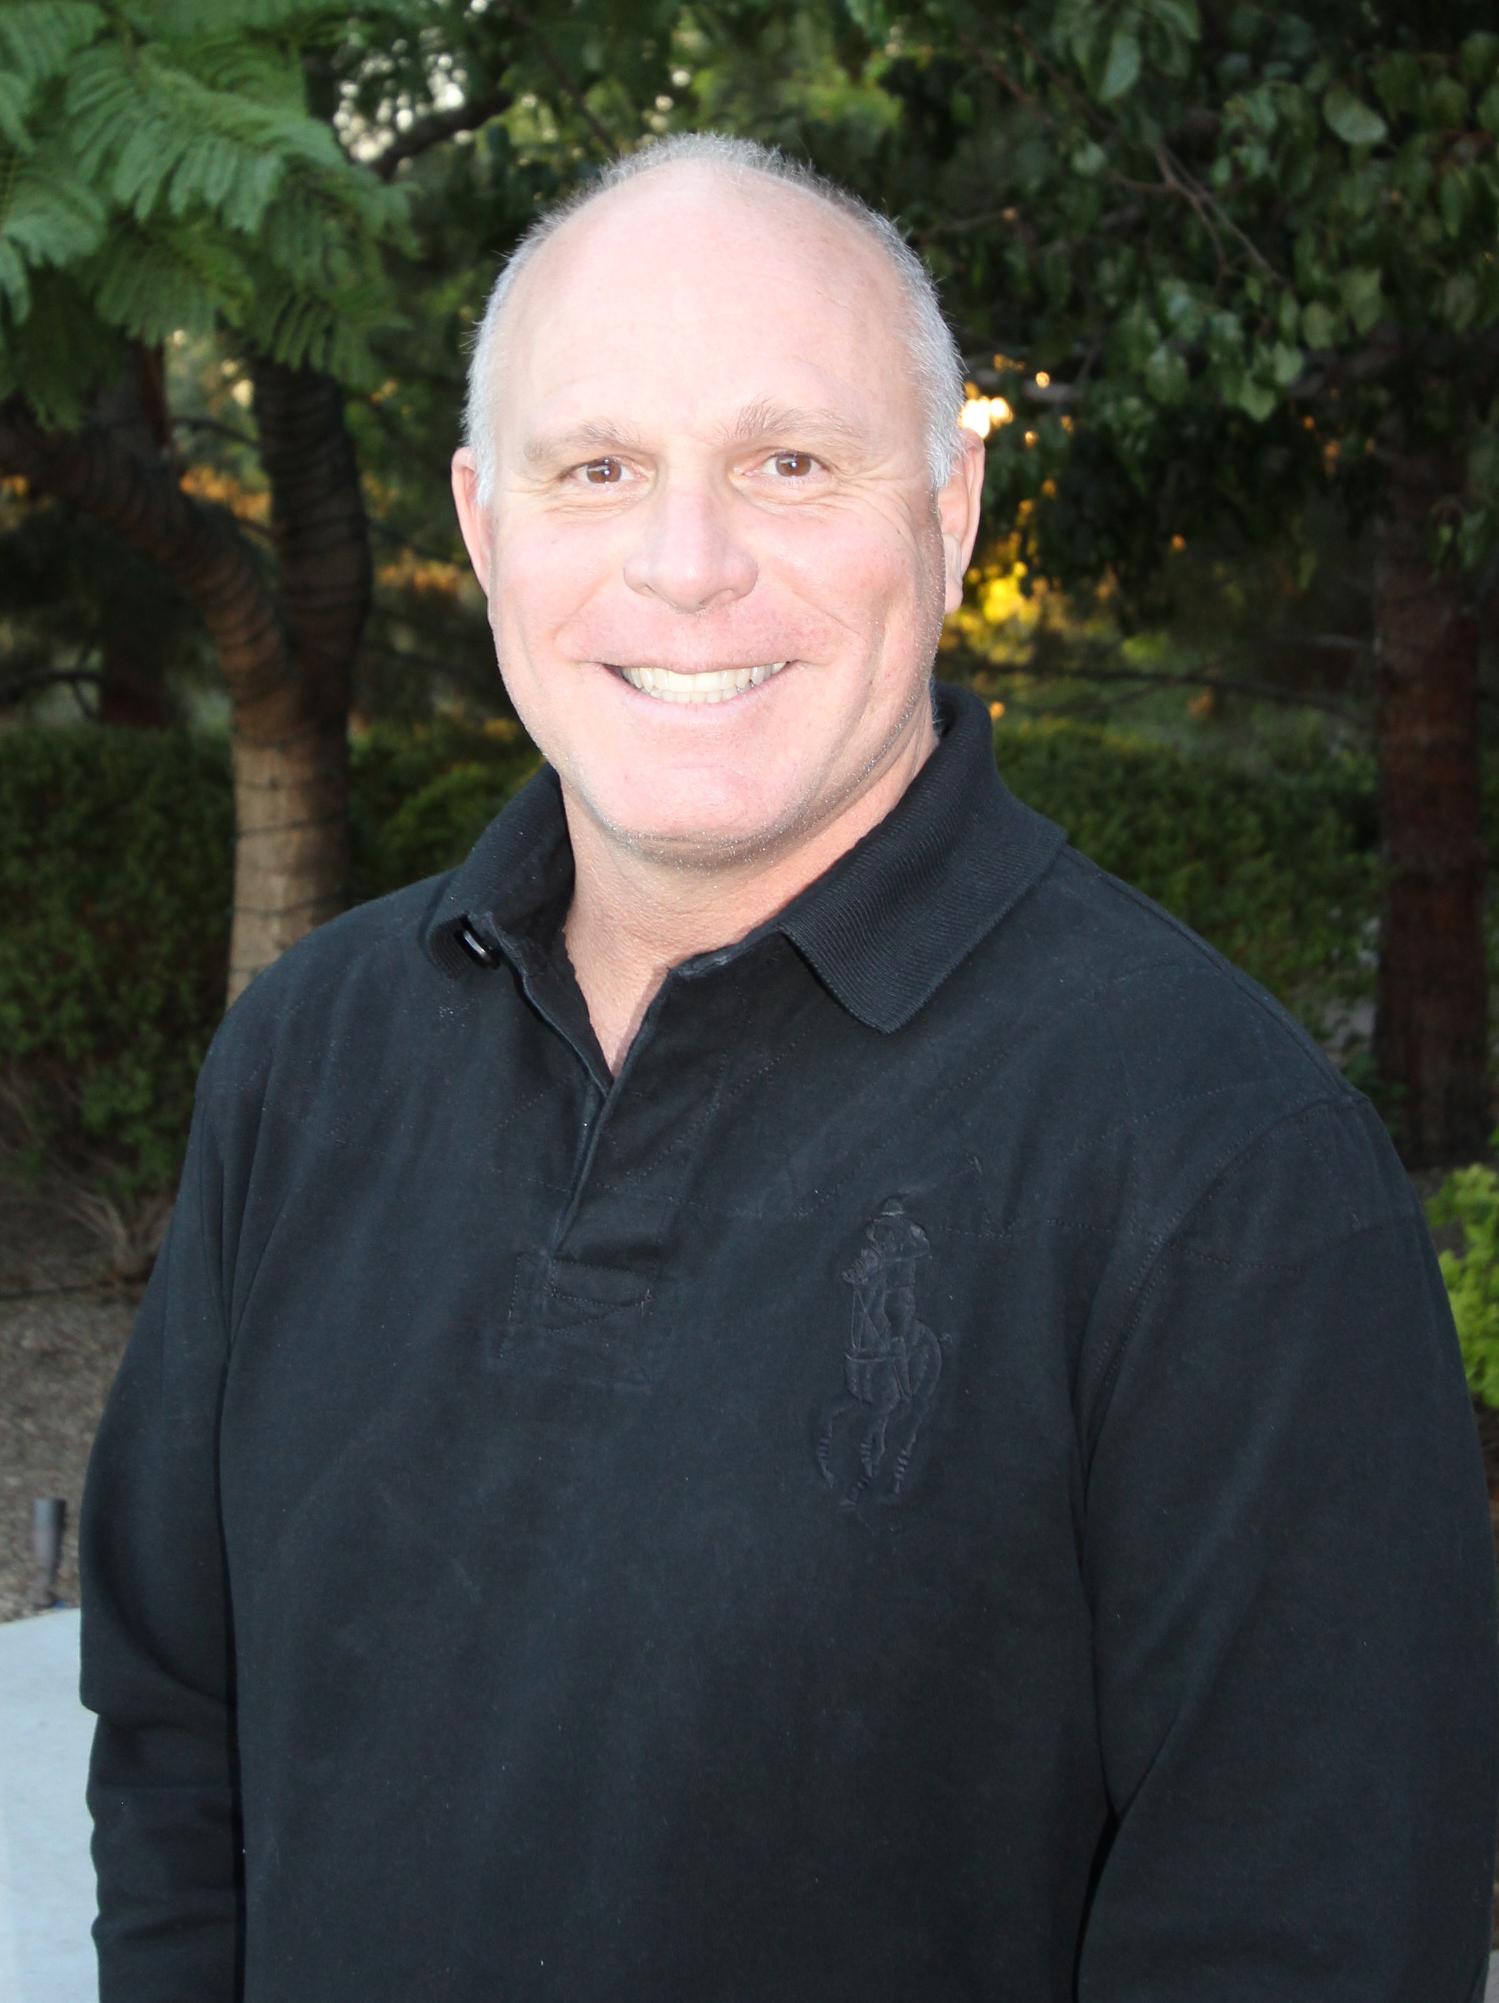 Neil J. Hardon III